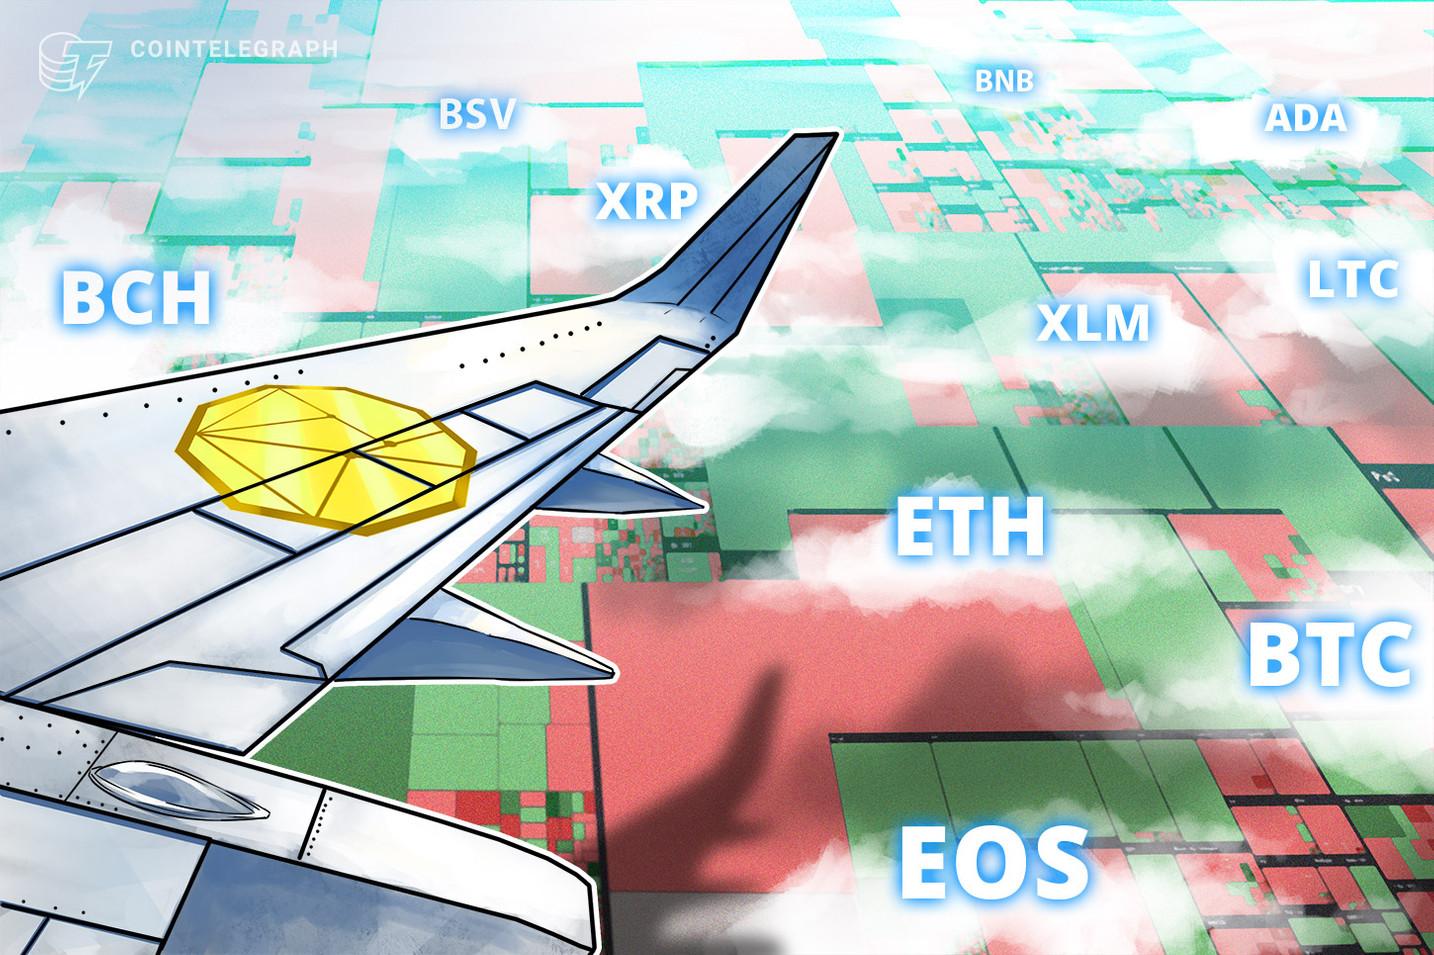 買いのチャンスはどこに?仮想通貨ビットコイン・イーサリアム・リップル(XRP)のテクニカル分析